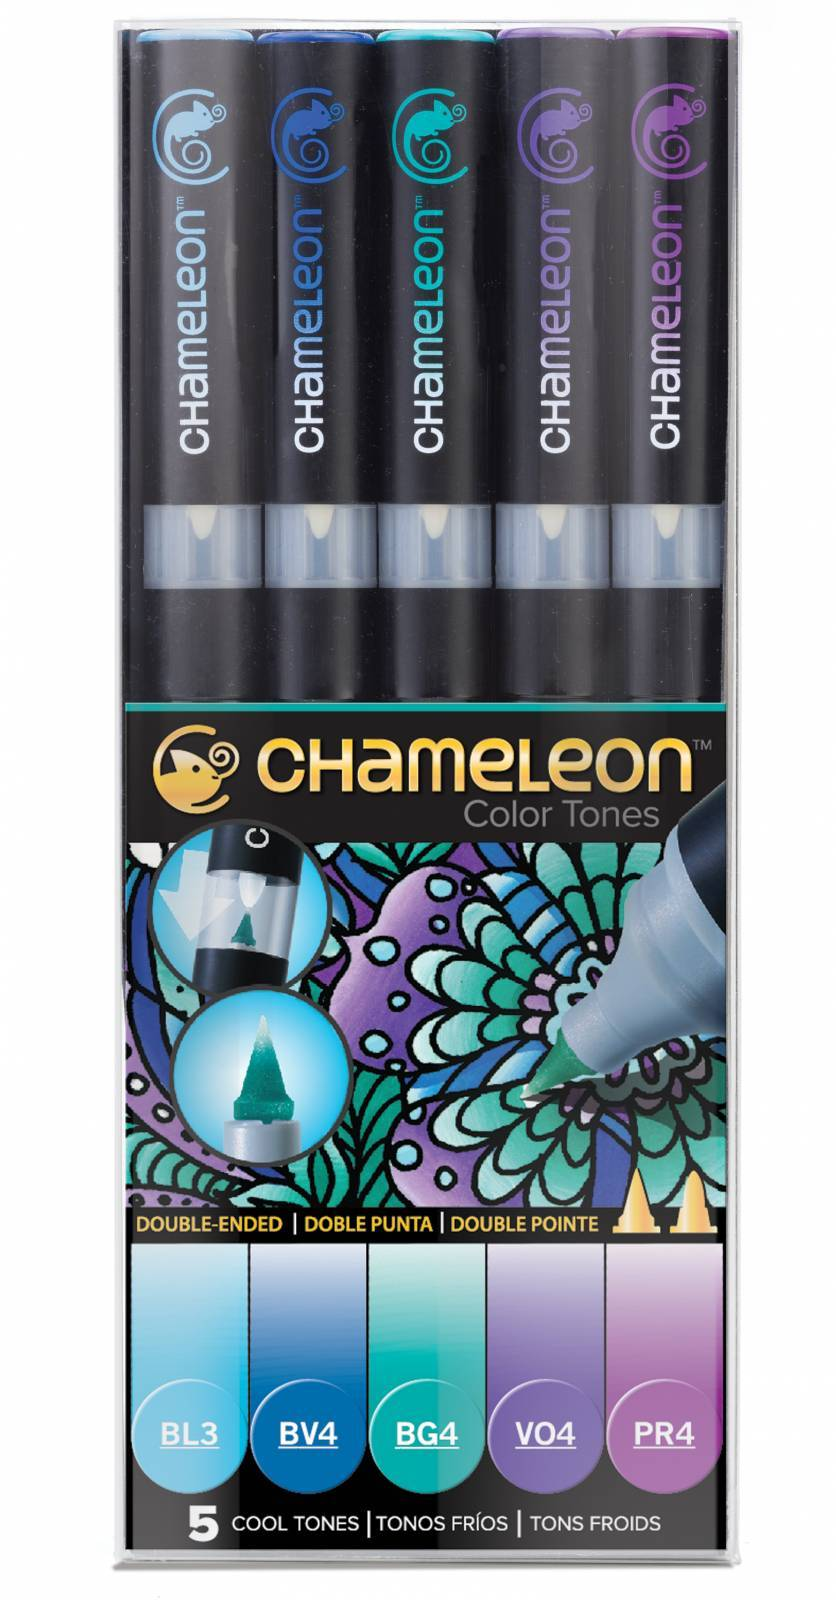 KIT CHAMELEON 5 CANETAS CORES FRIAS CT0504